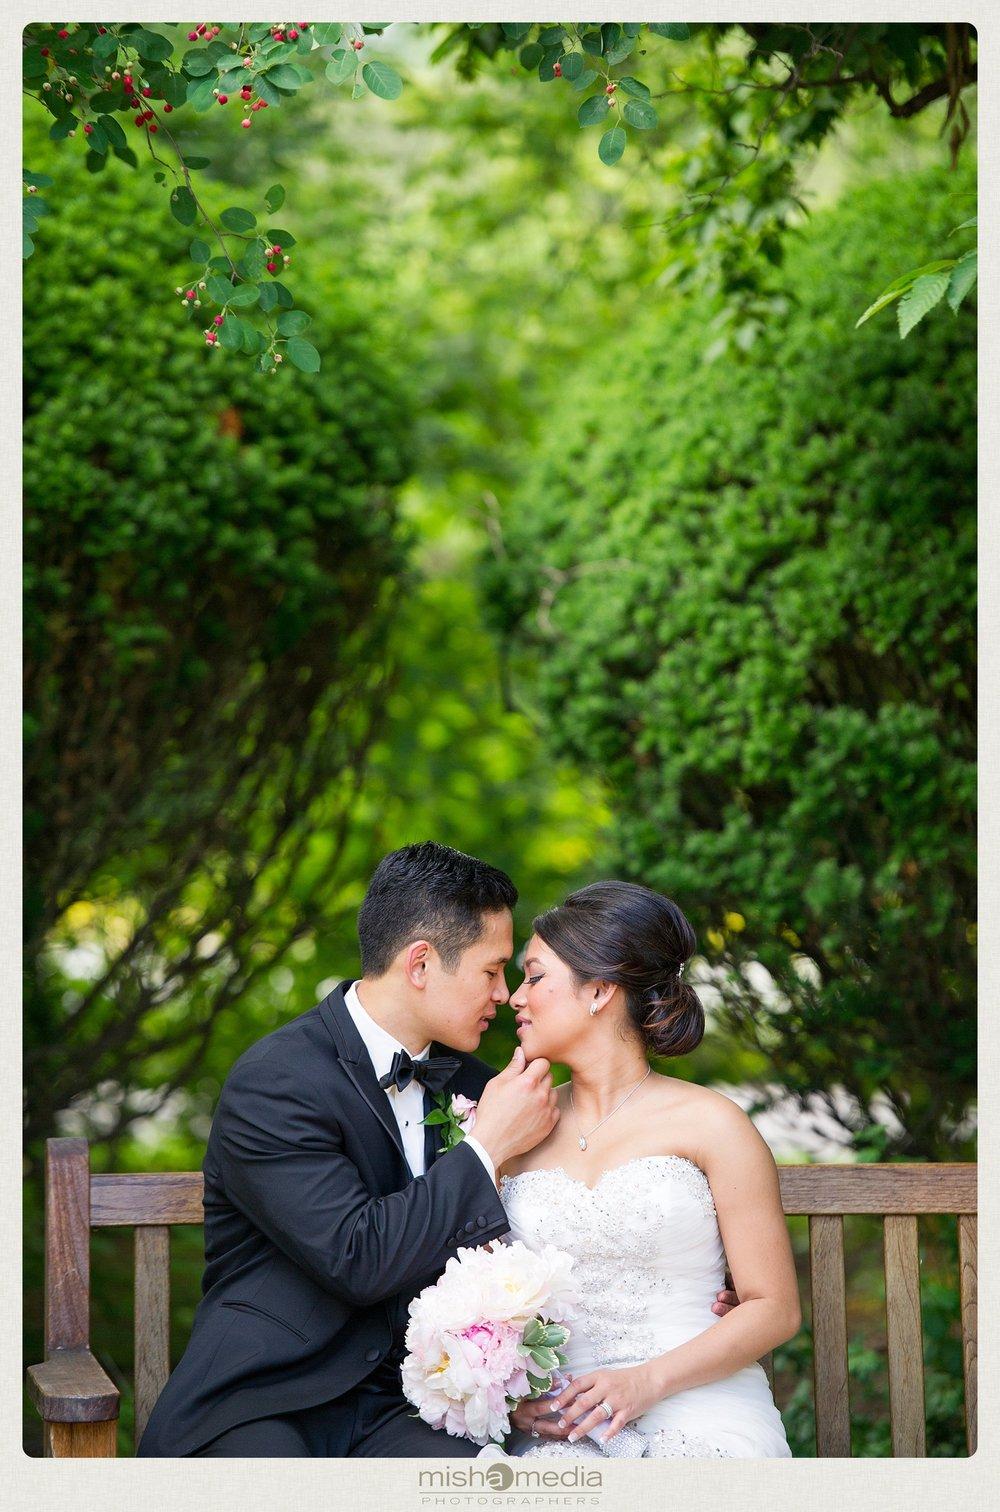 weddings-at-Double-Tree-Oakbrook_0001.jpg